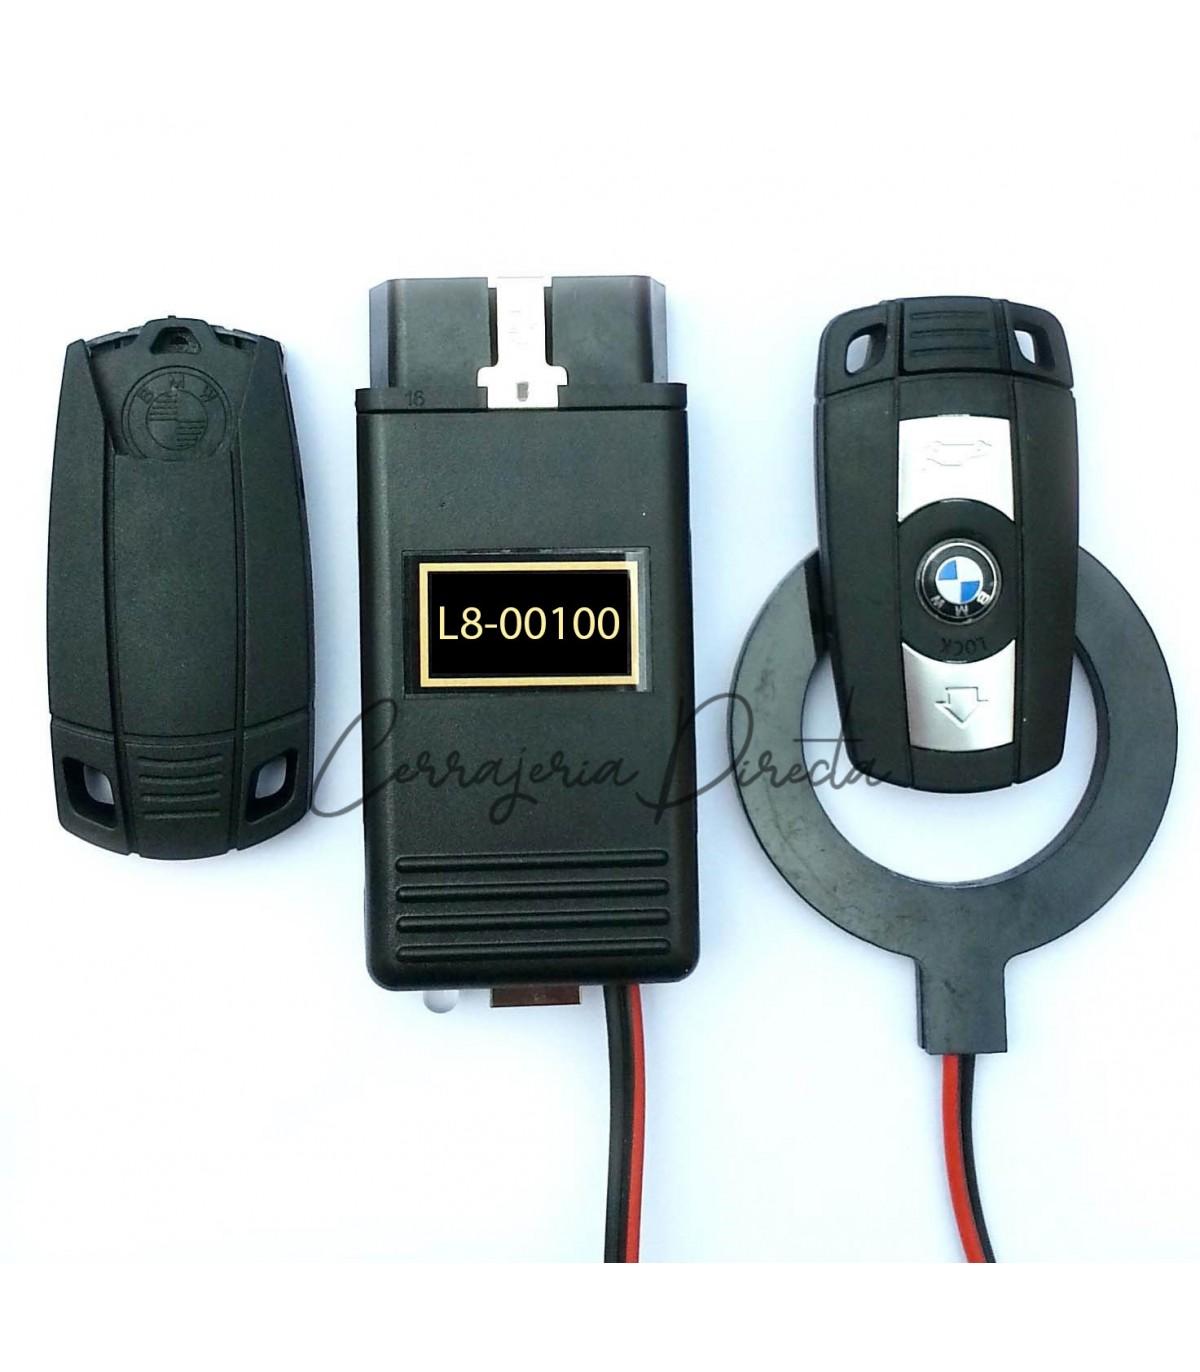 BMW keyprogrammer L8